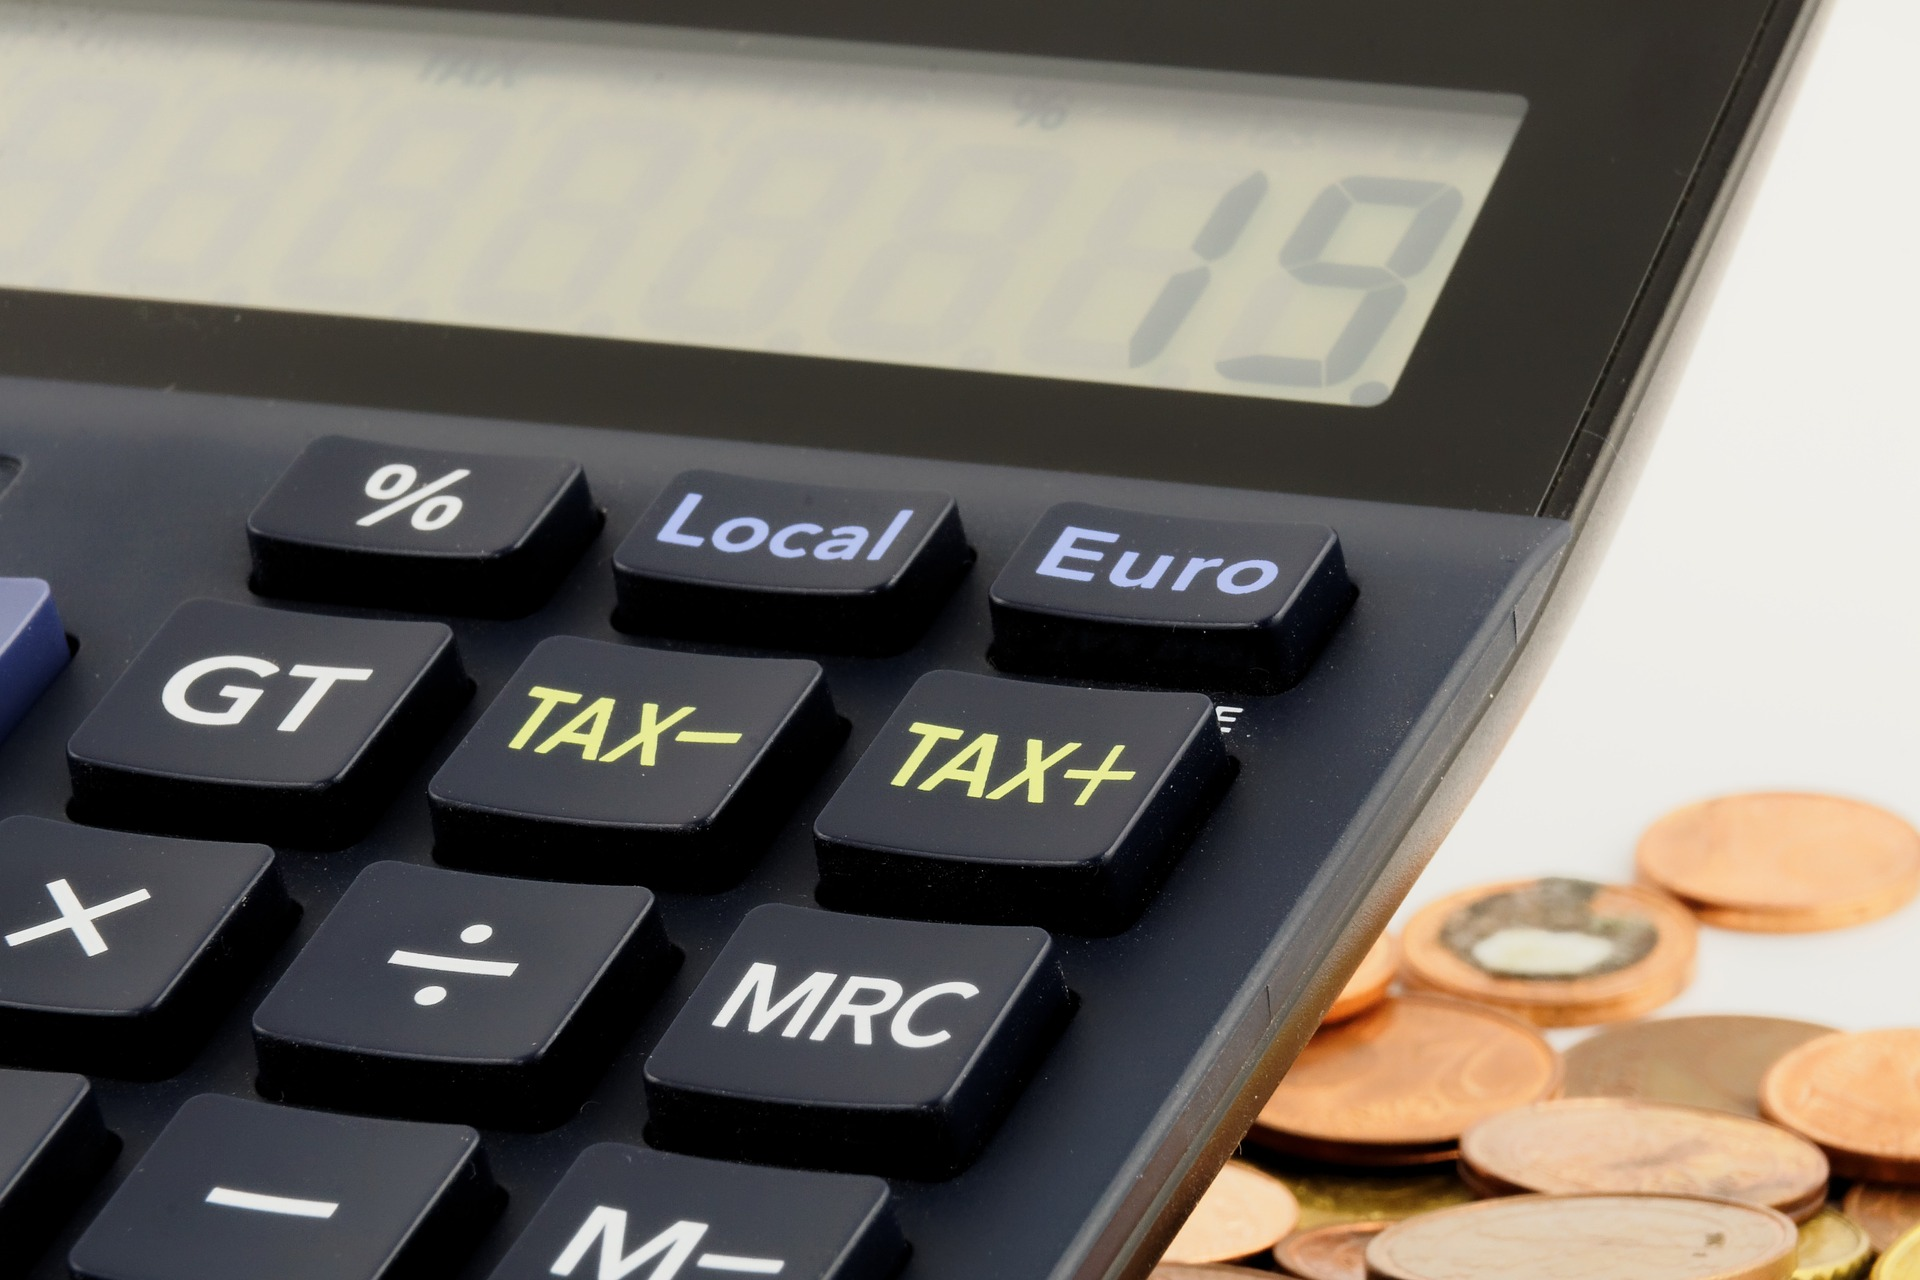 Anmeldung zum Finanzamt